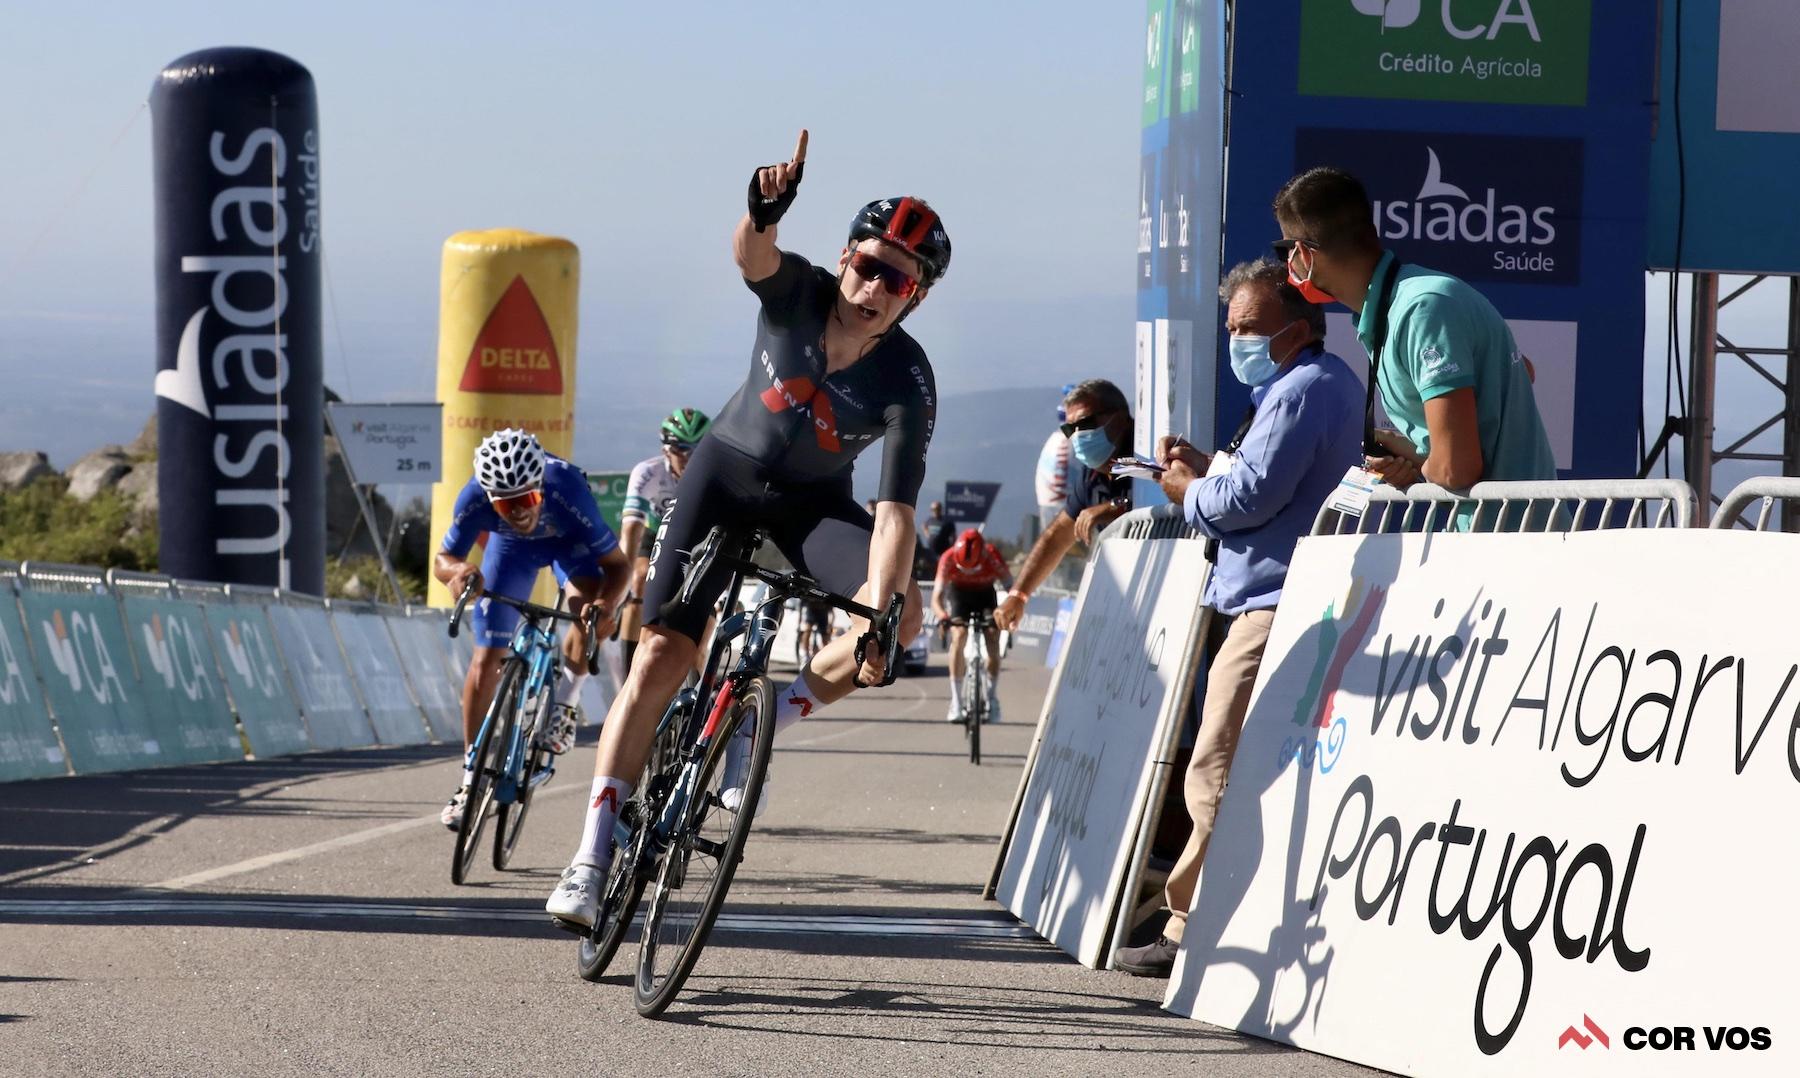 Van Vleuten gewinnt in Spanien, Hayter gewinnt in Portugal: Daily News